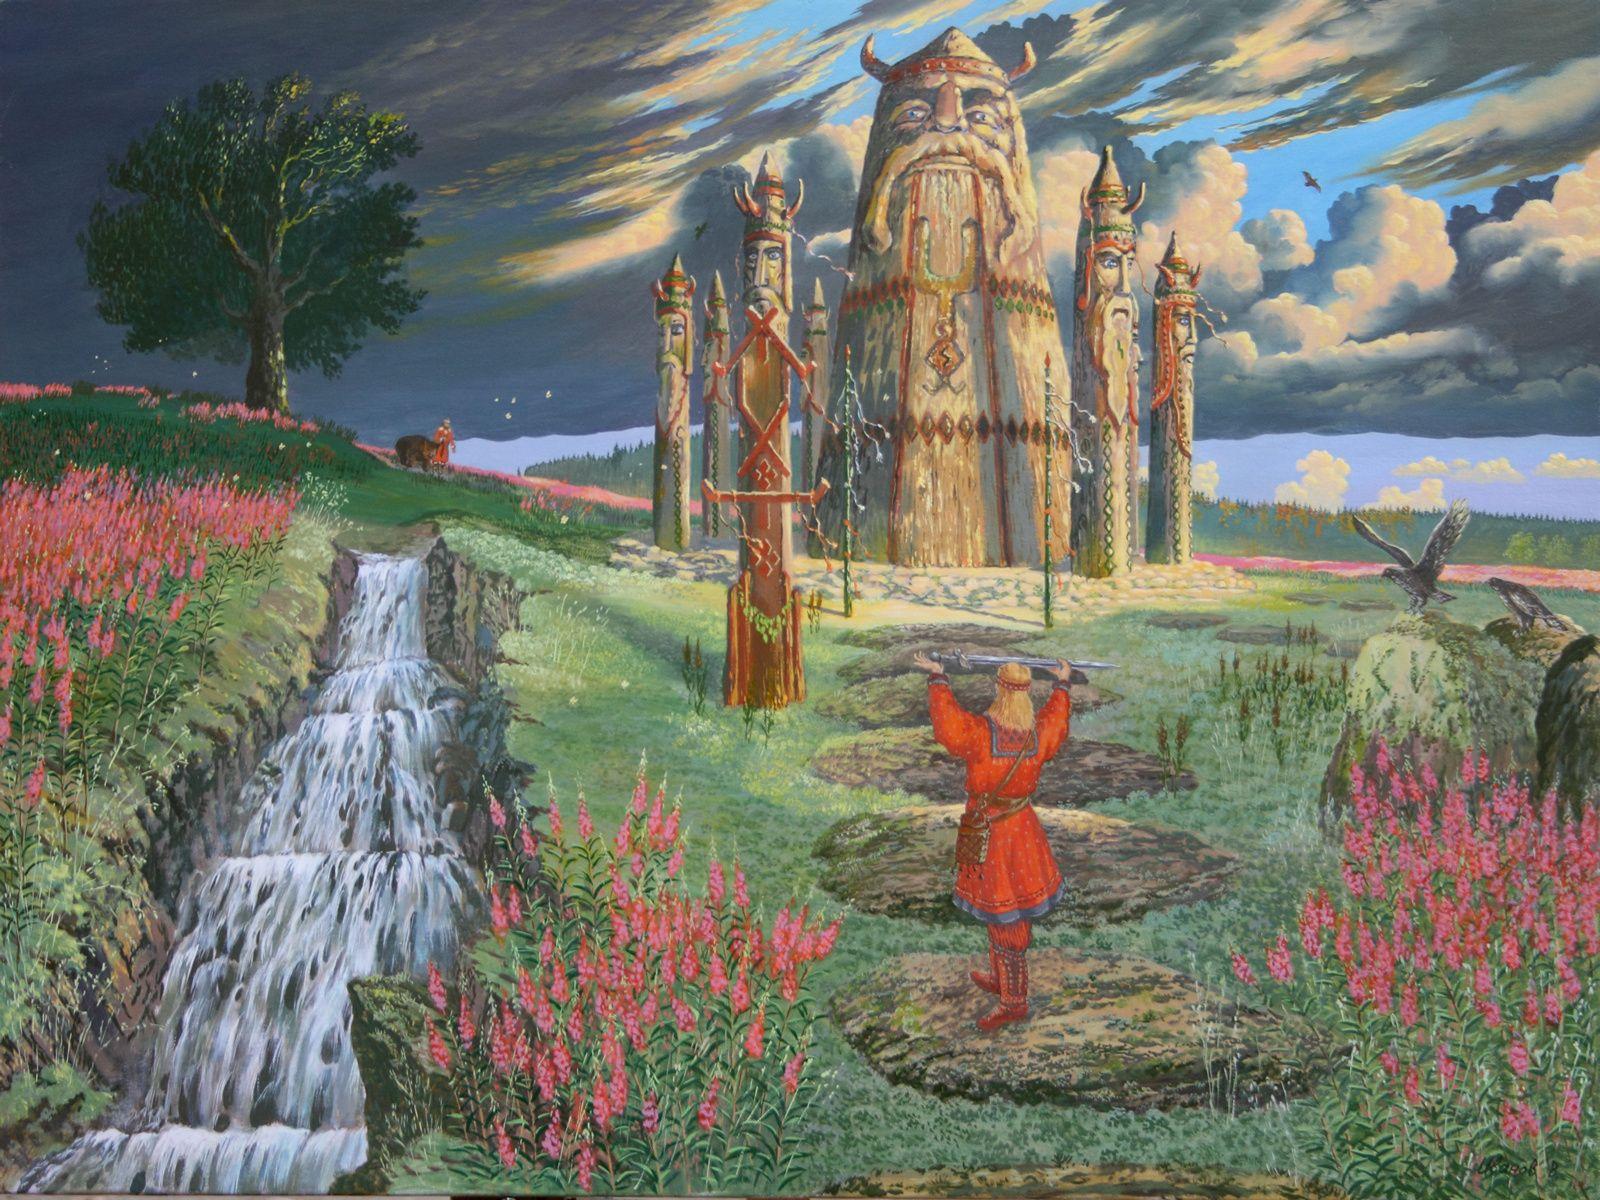 языческая религия славян картинки отложению солей